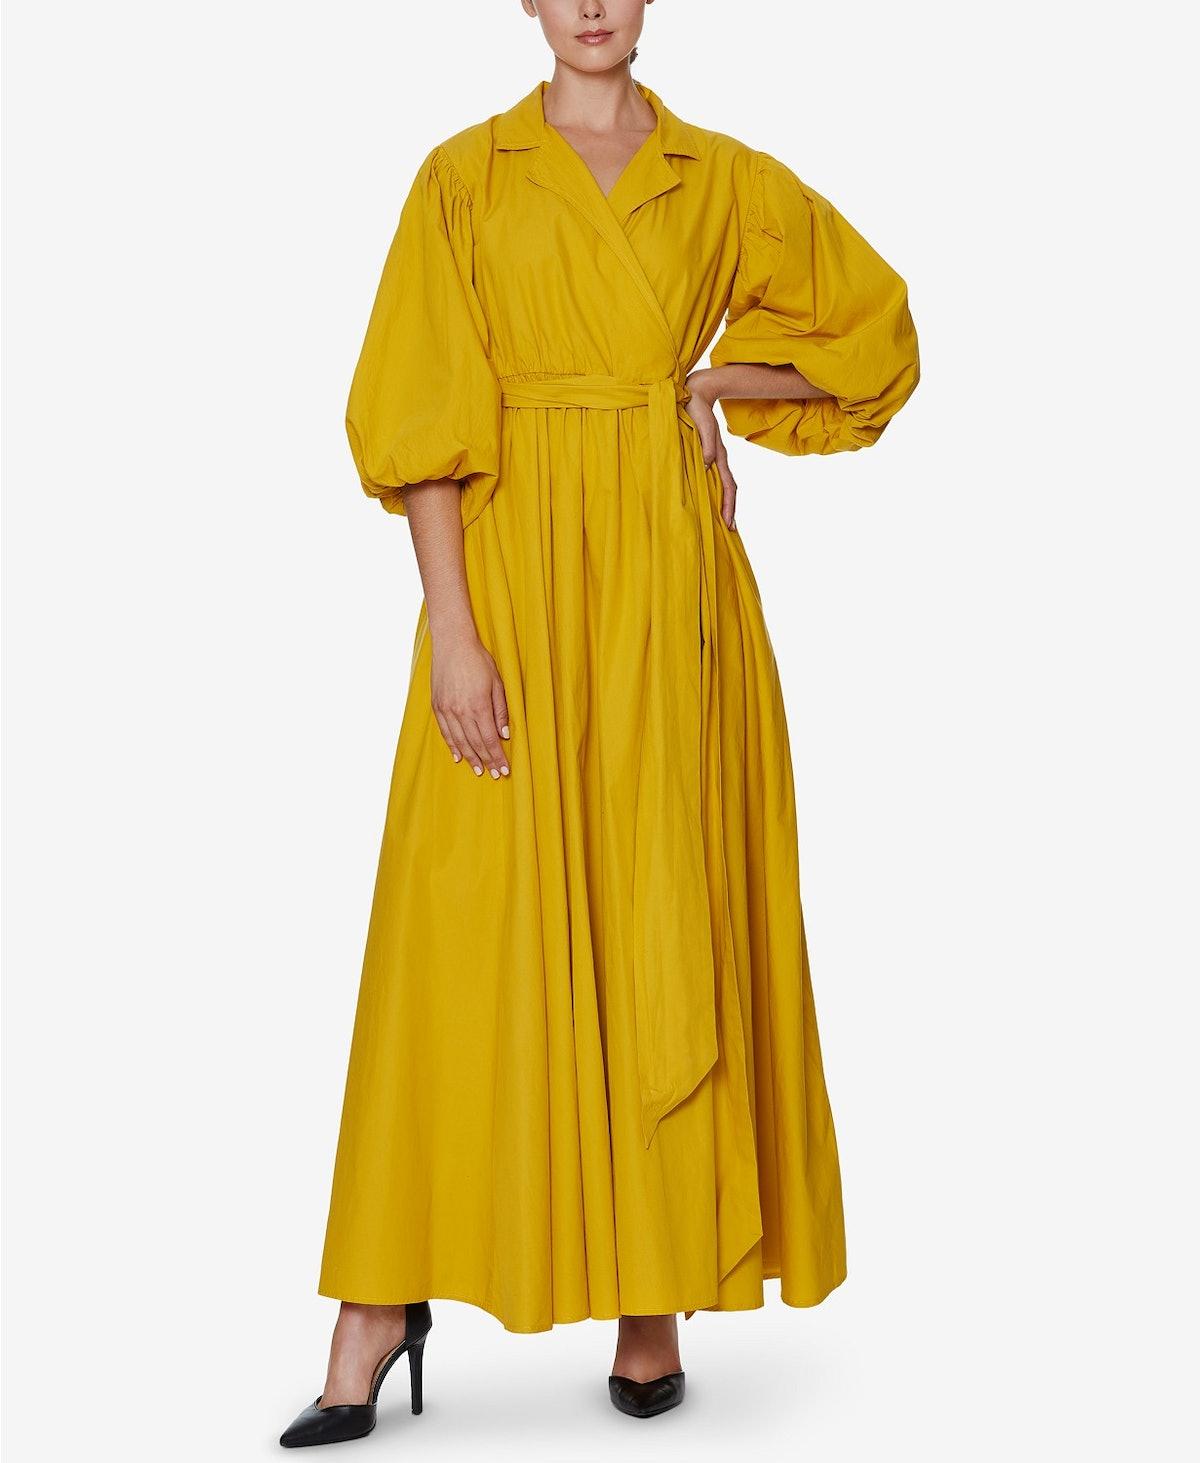 INSPR x Natalie Off Duty Poplin Wrap Maxi Dress